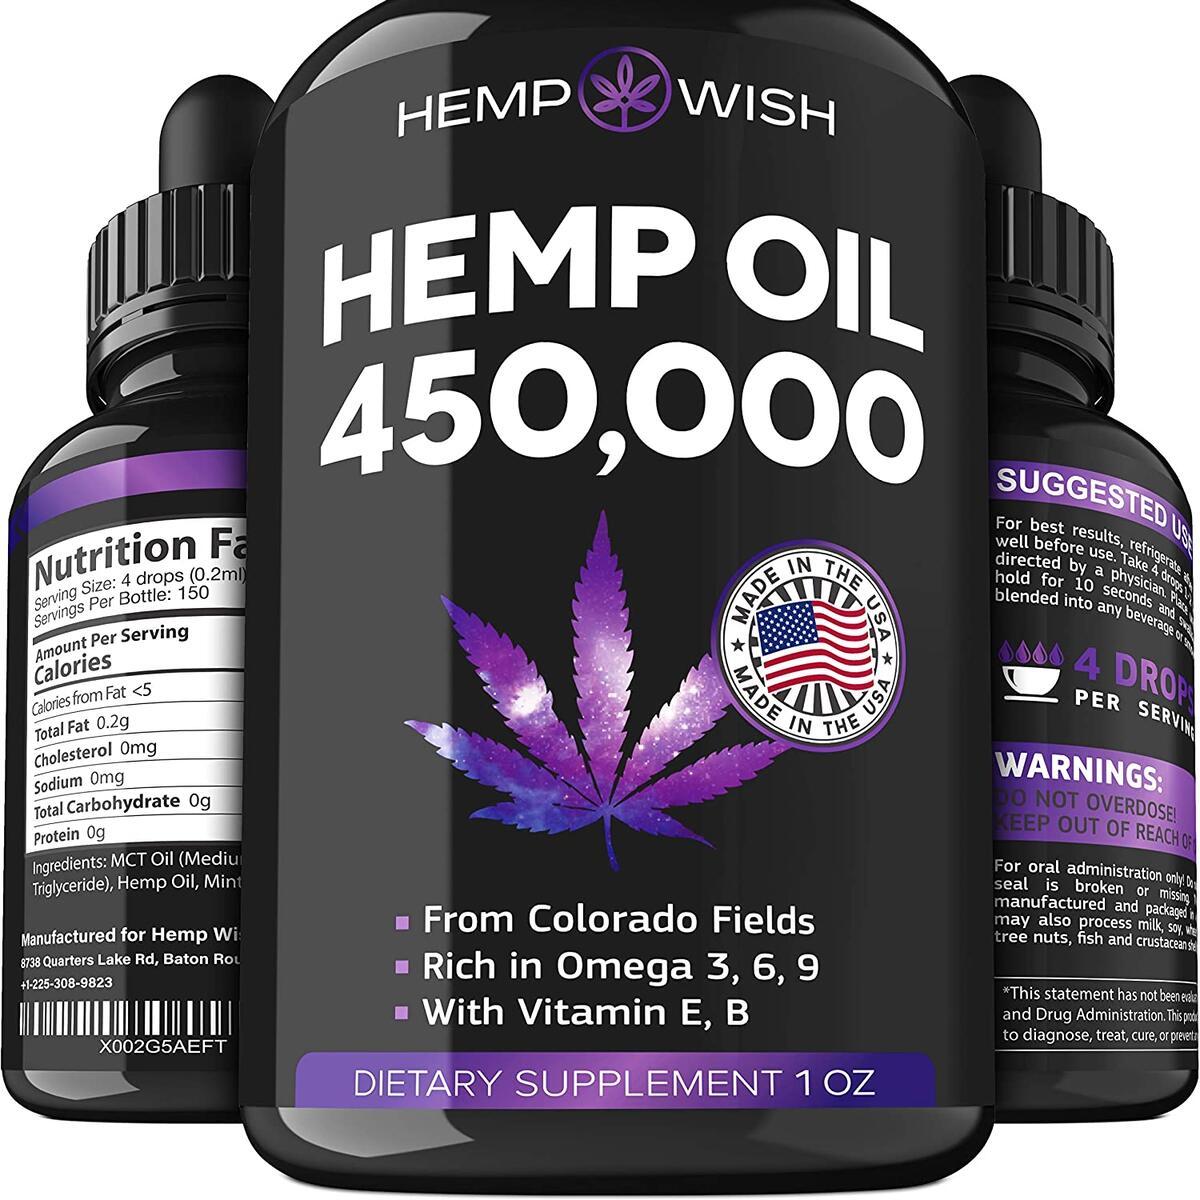 Hemp Oil 450,000